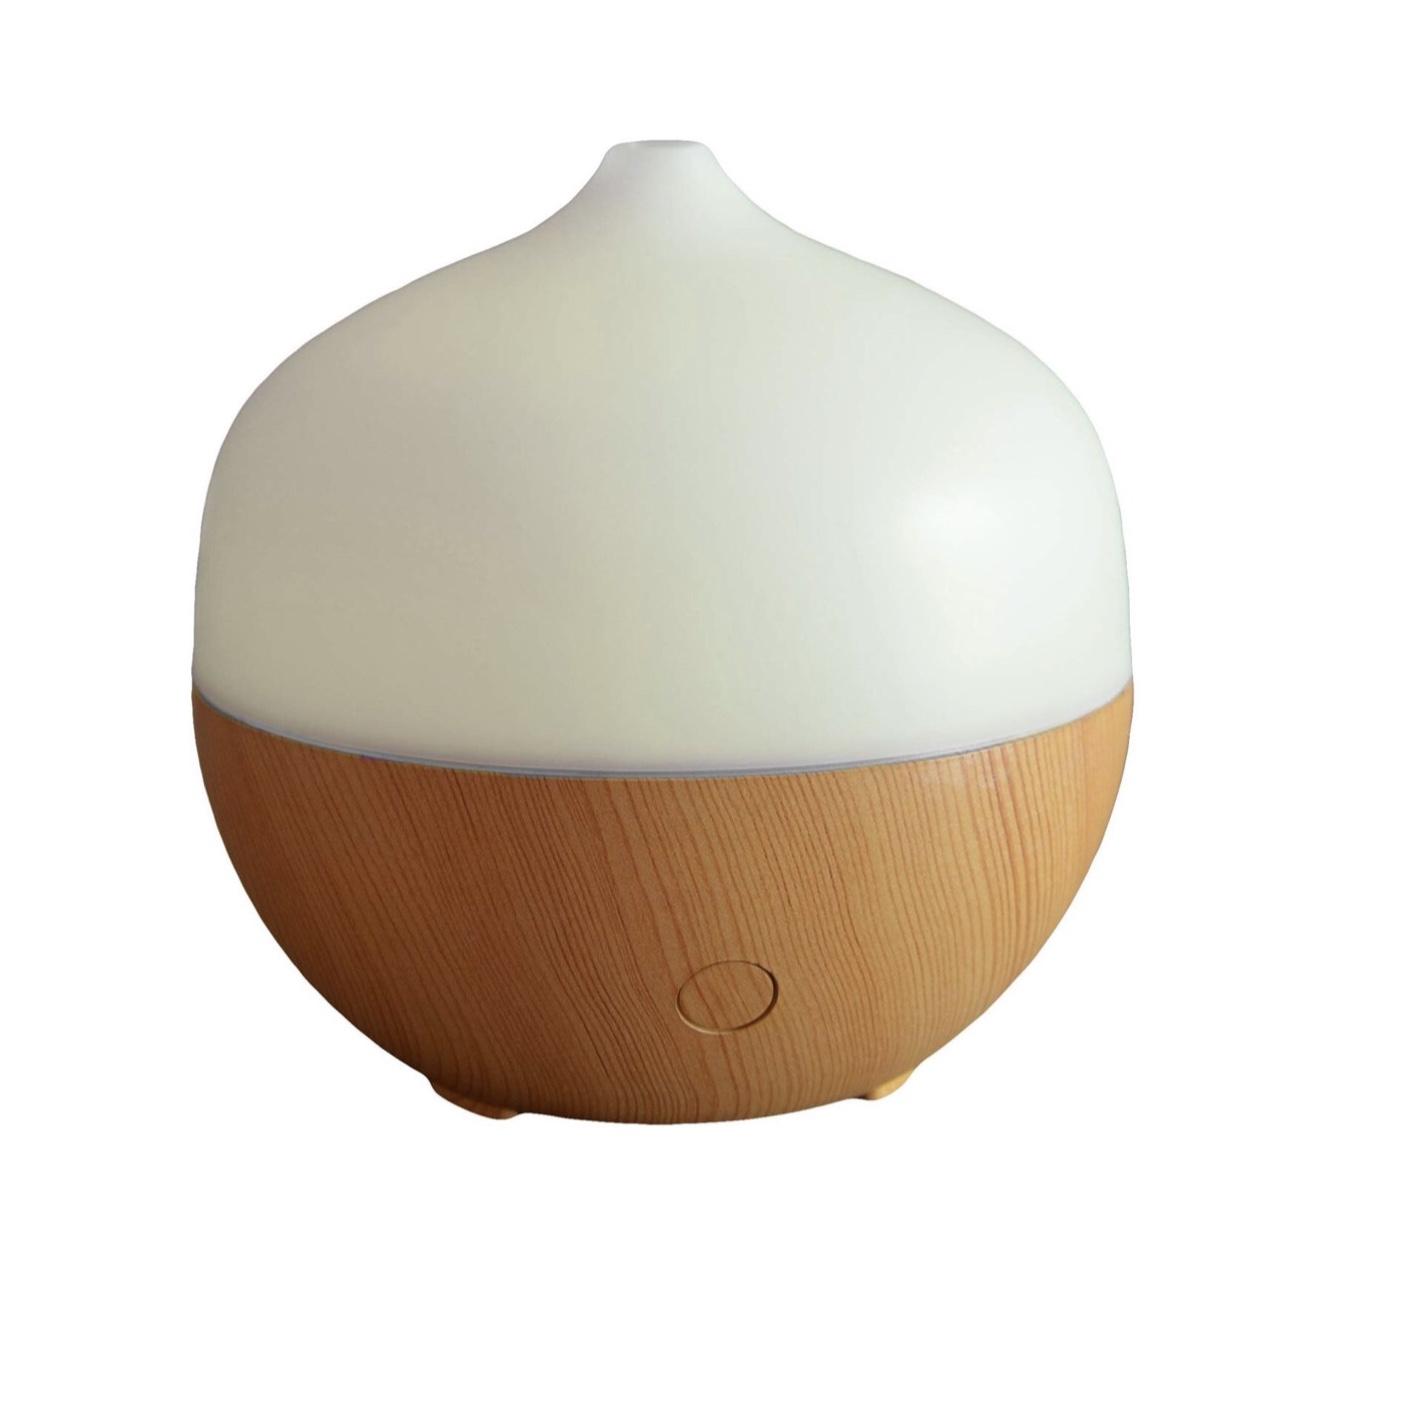 Diffuseur de brume Boopi (parfum, huile essentielle, eau)